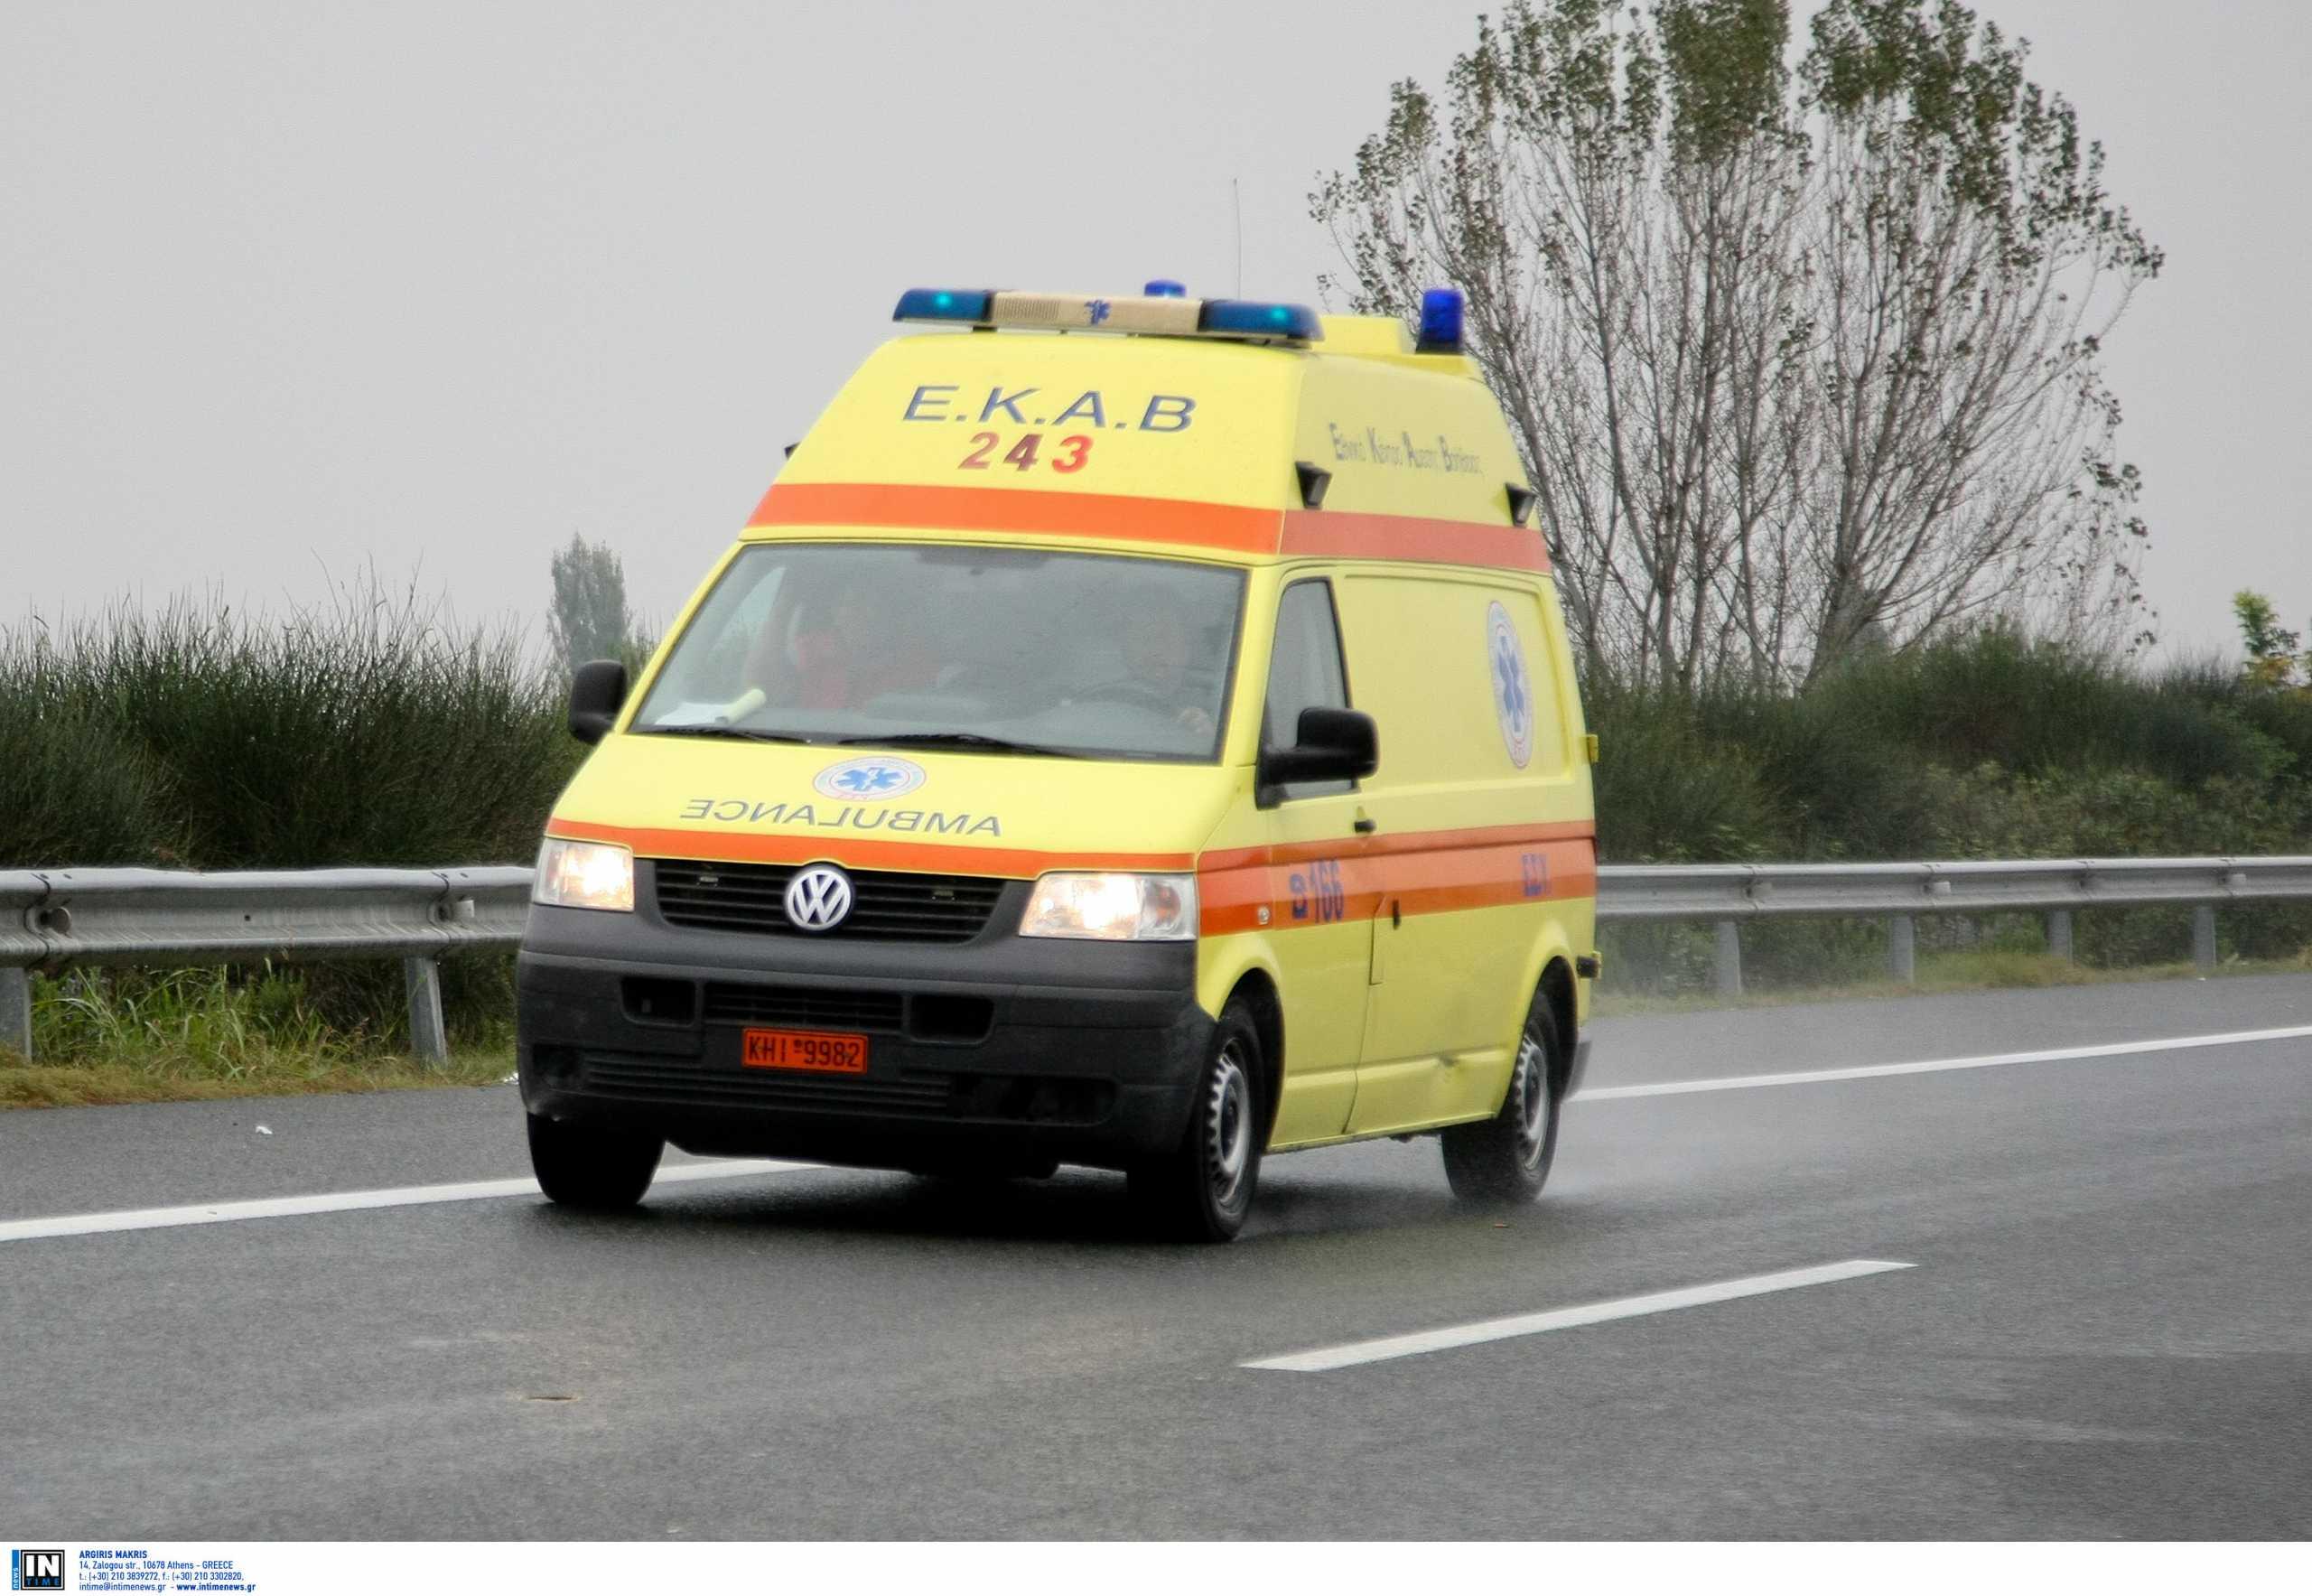 Πάτρα: Στο νοσοκομείο 17χρονη που παρασύρθηκε από αυτοκίνητο